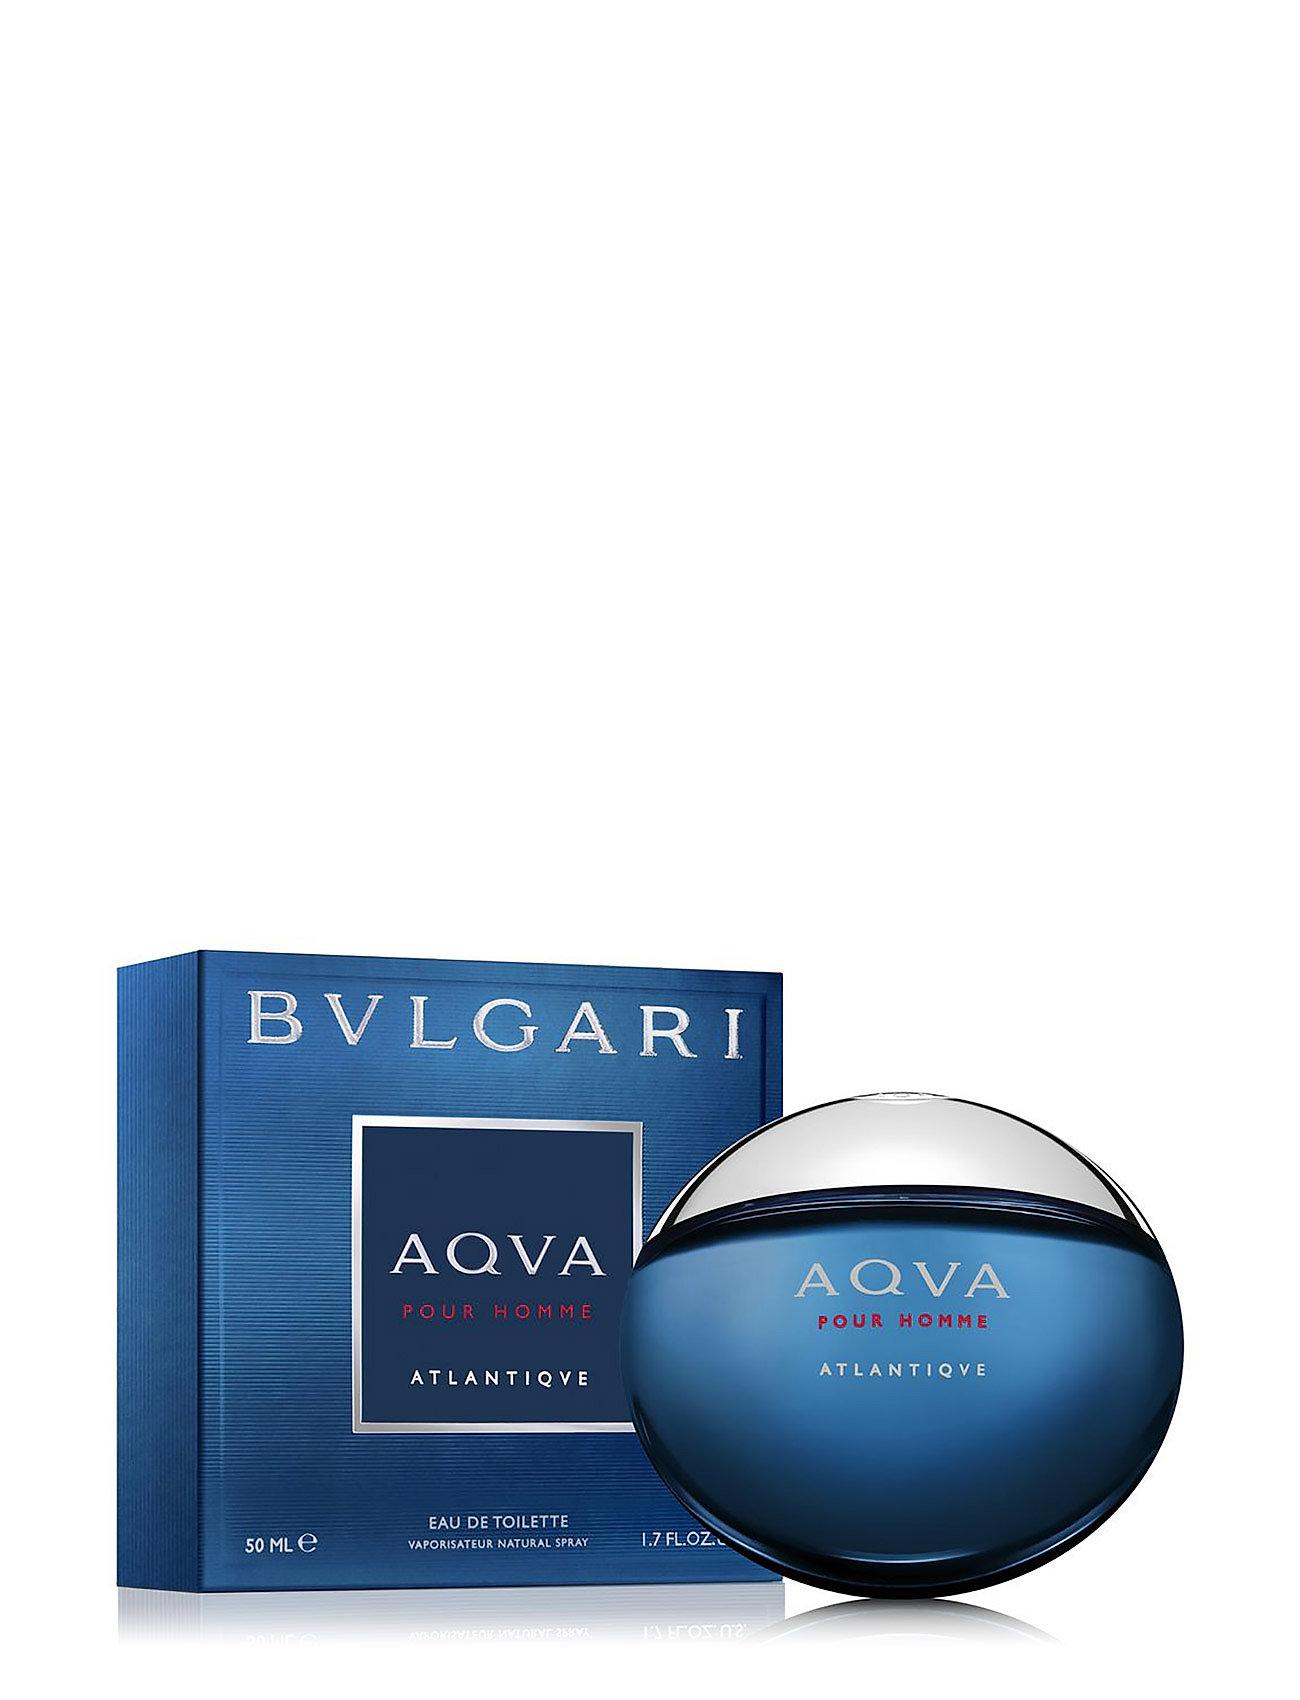 bvlgari – Aqva pour homme atlantiqve edt 50ml på boozt.com dk